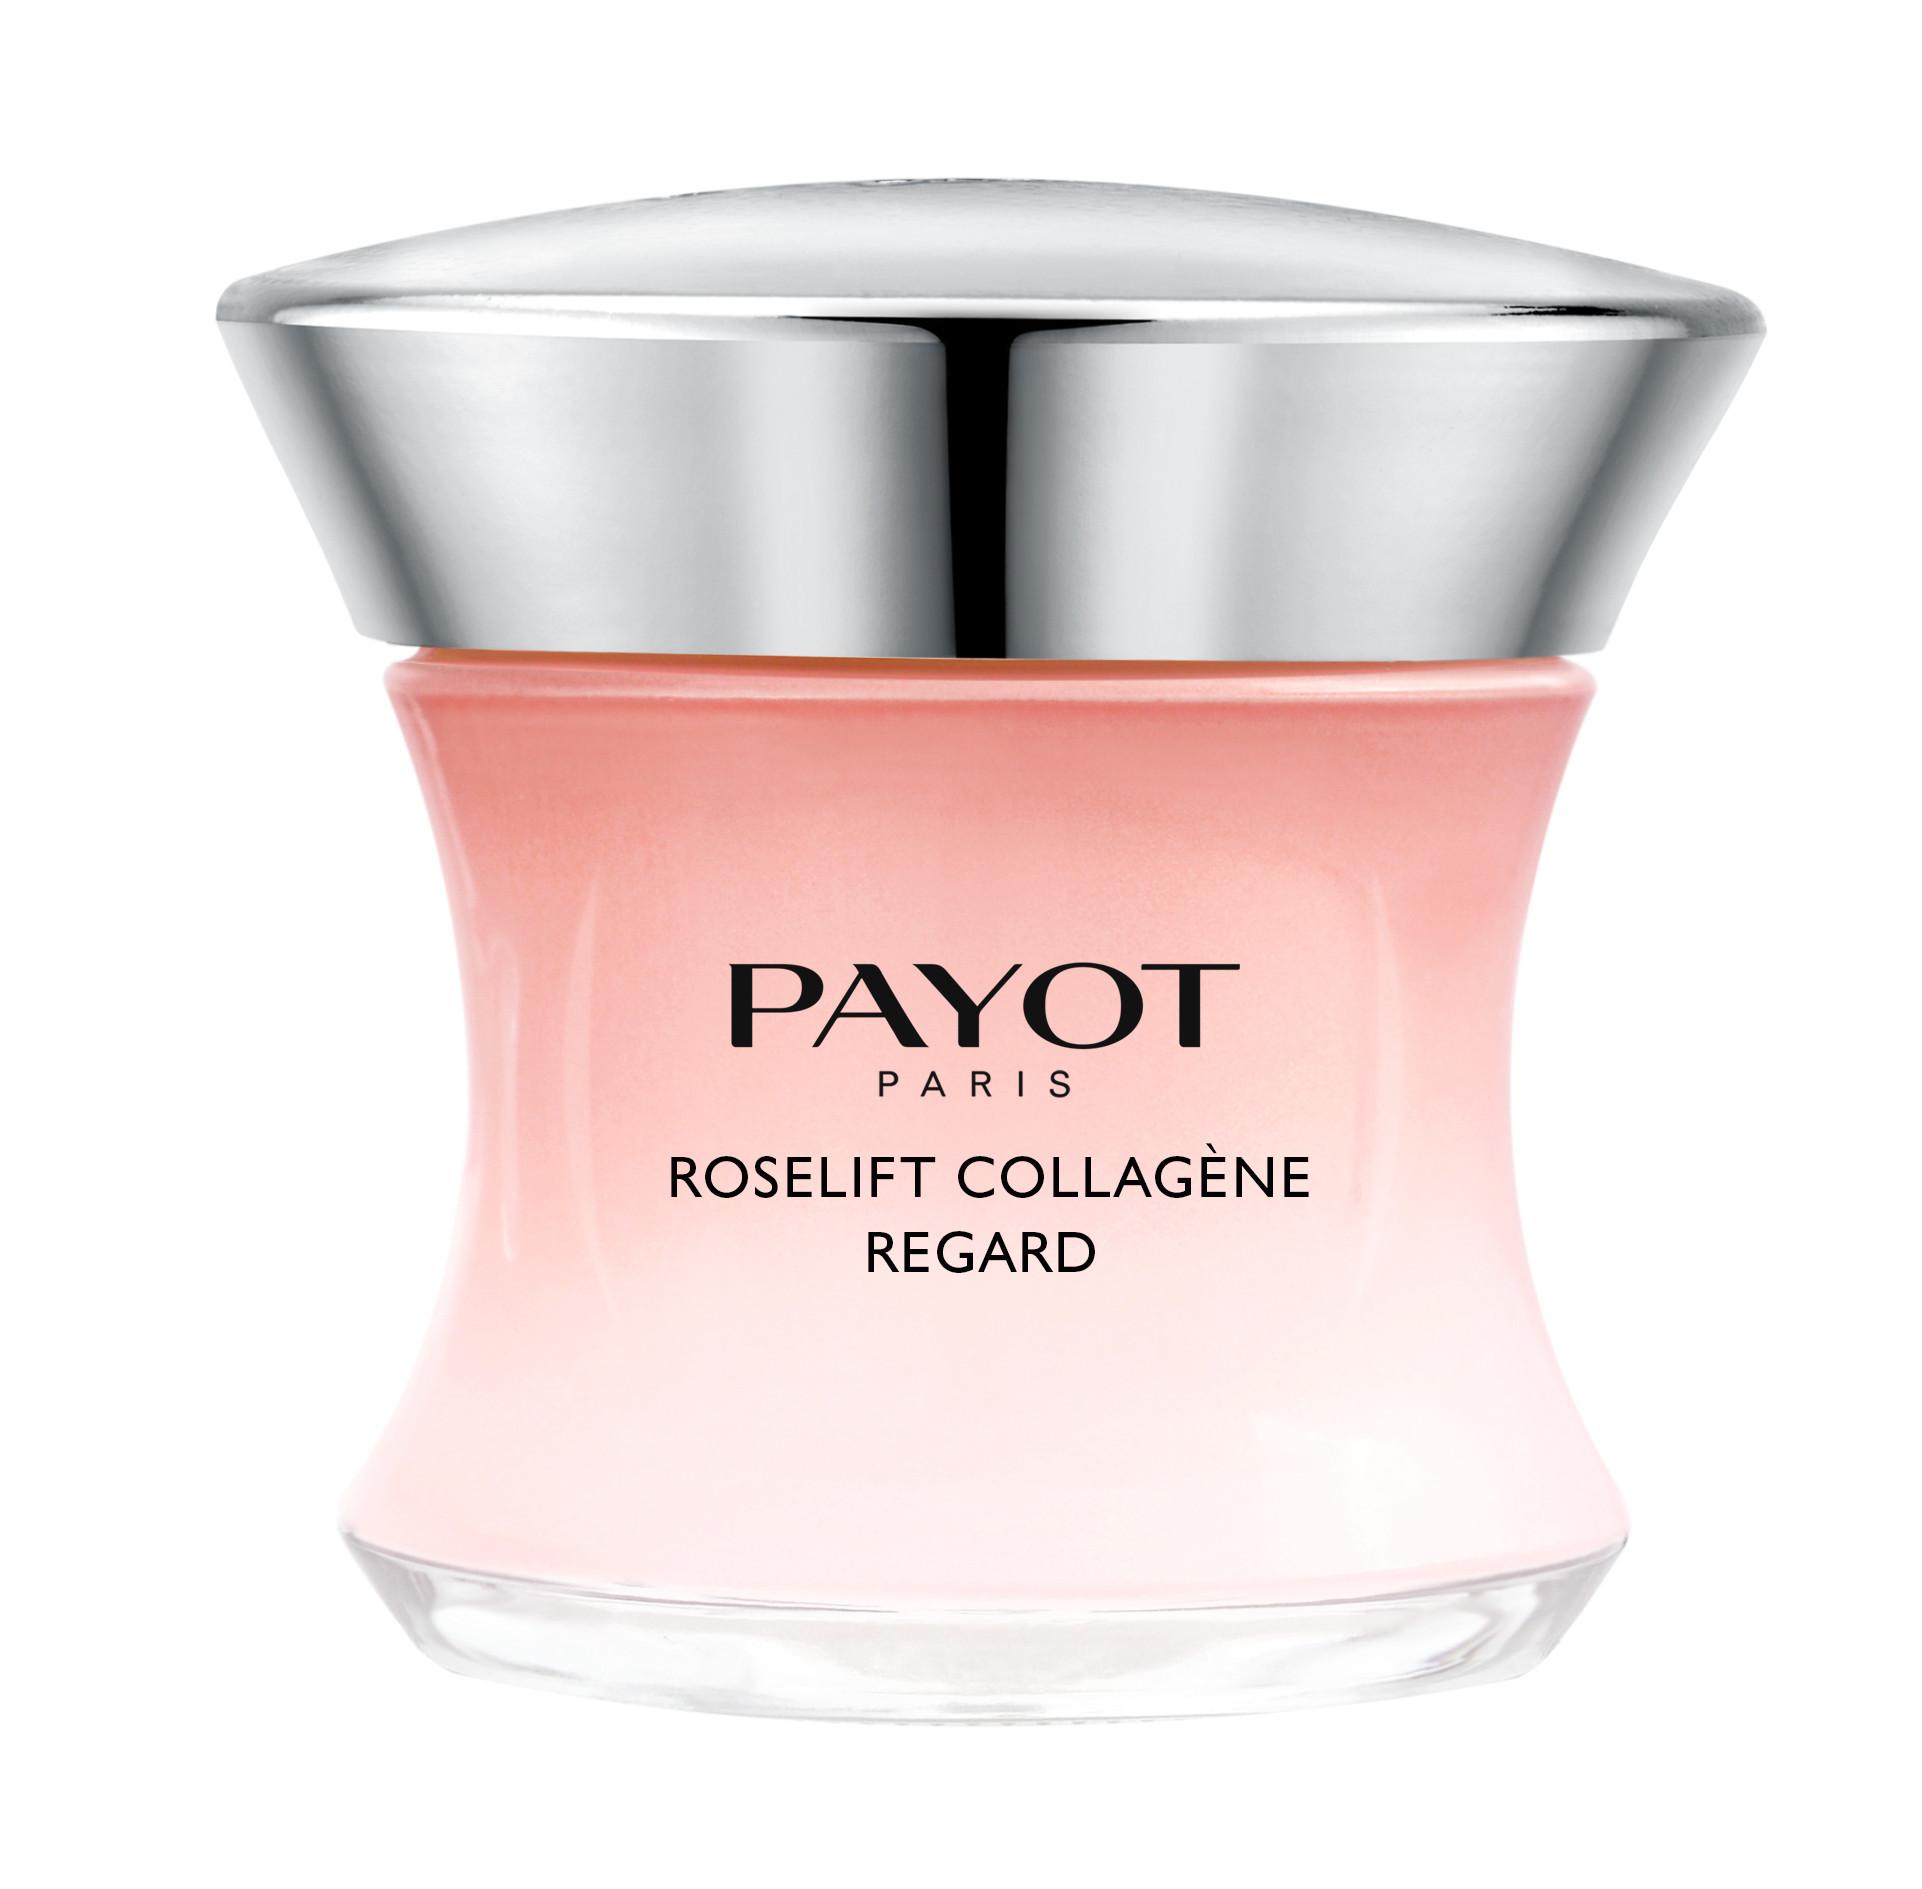 Roselift Collagène REGARD